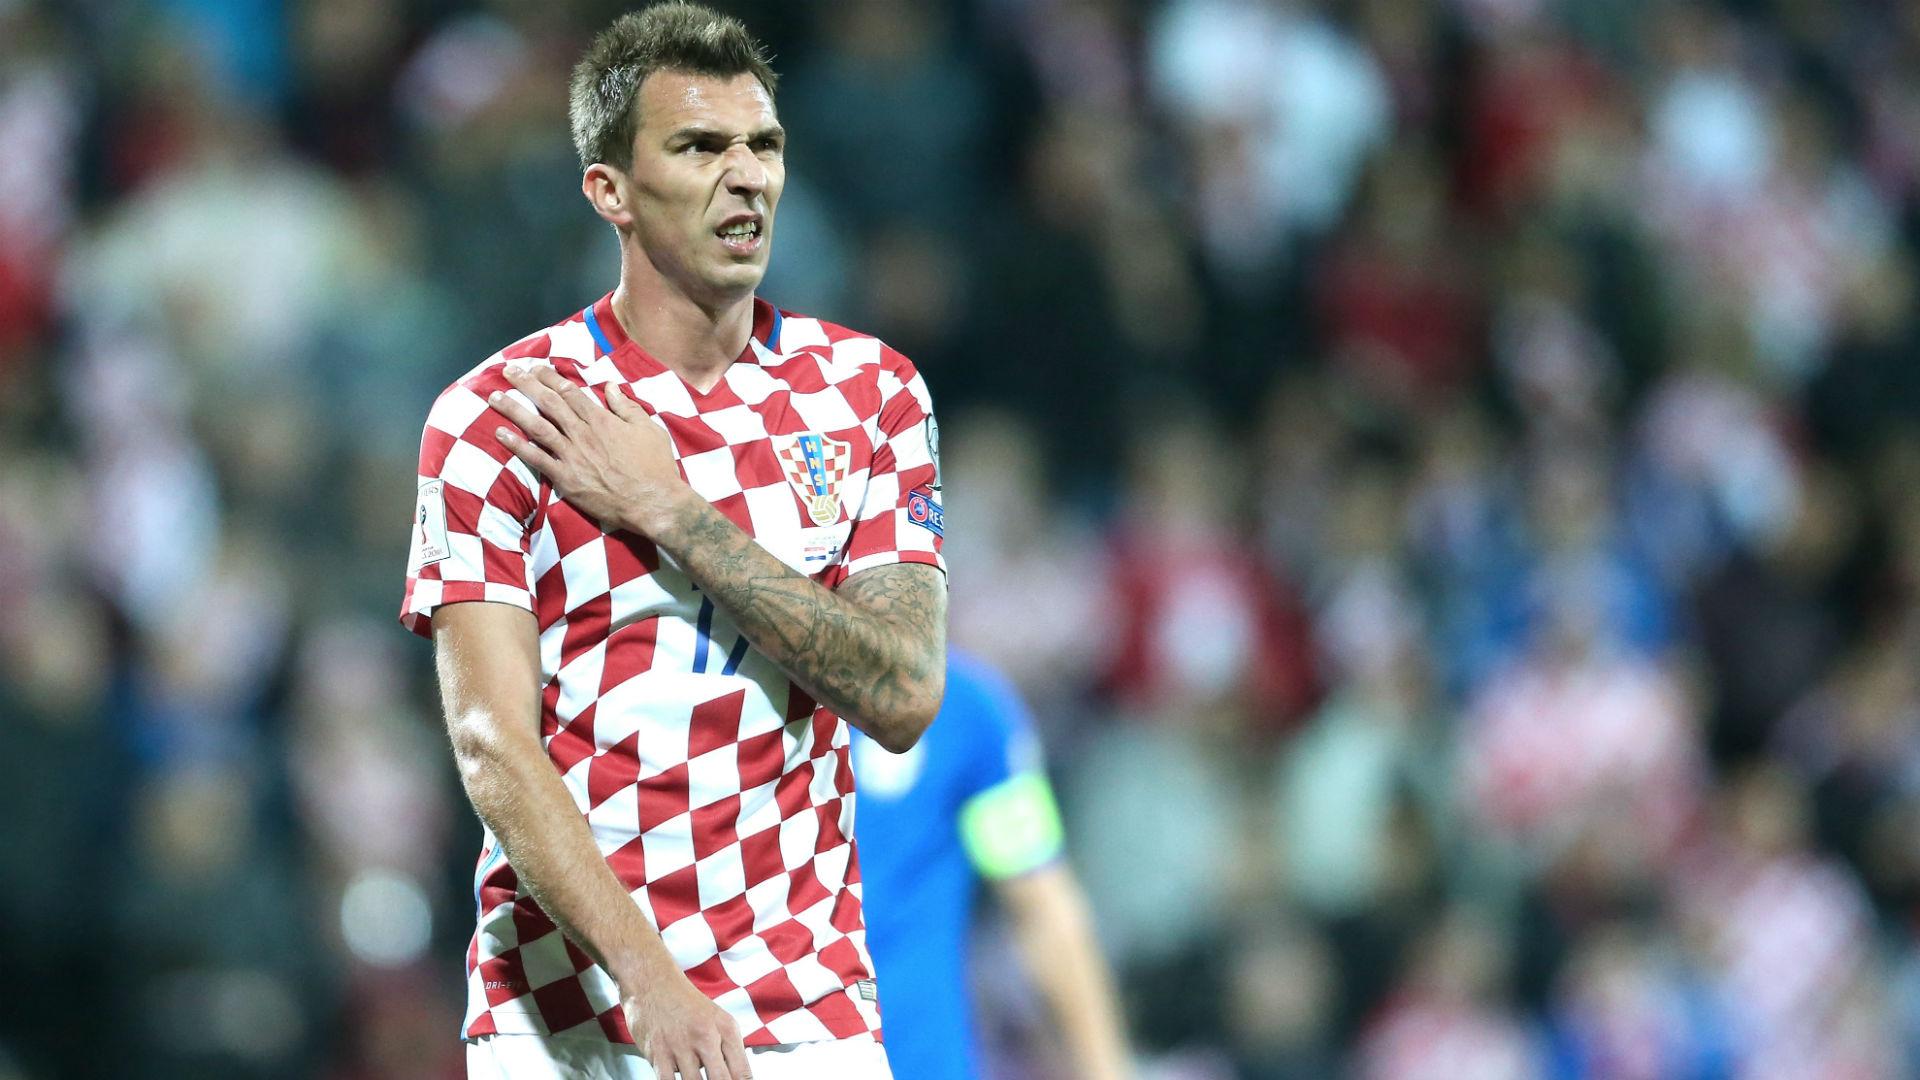 croatia finland - Mario Mandzukic - 06102017